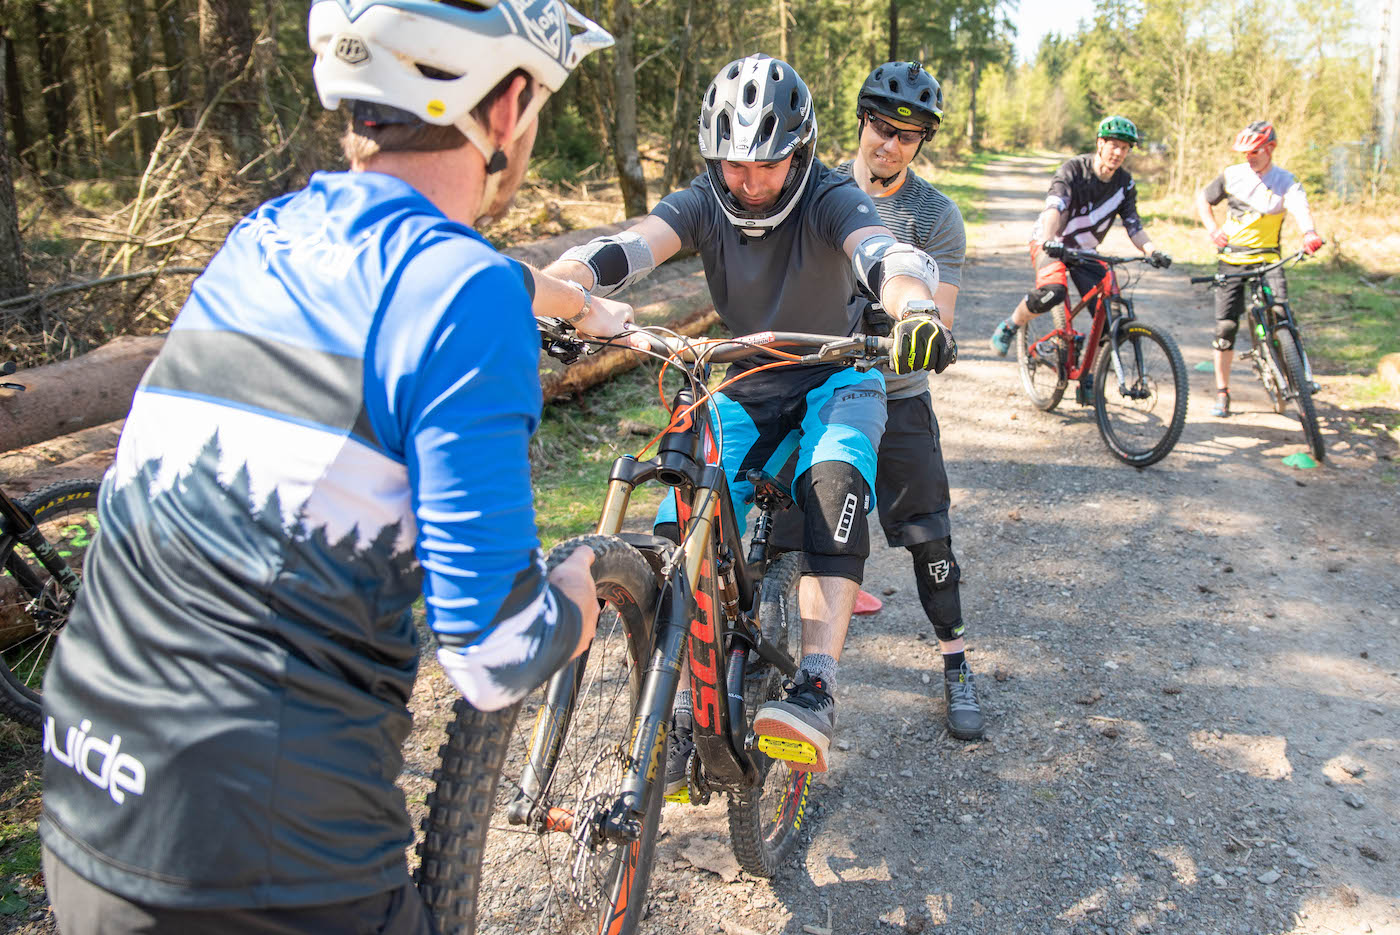 Gutschein für MTB Kurse Sprung - Fahrtechnik Training Rock my Trail -4